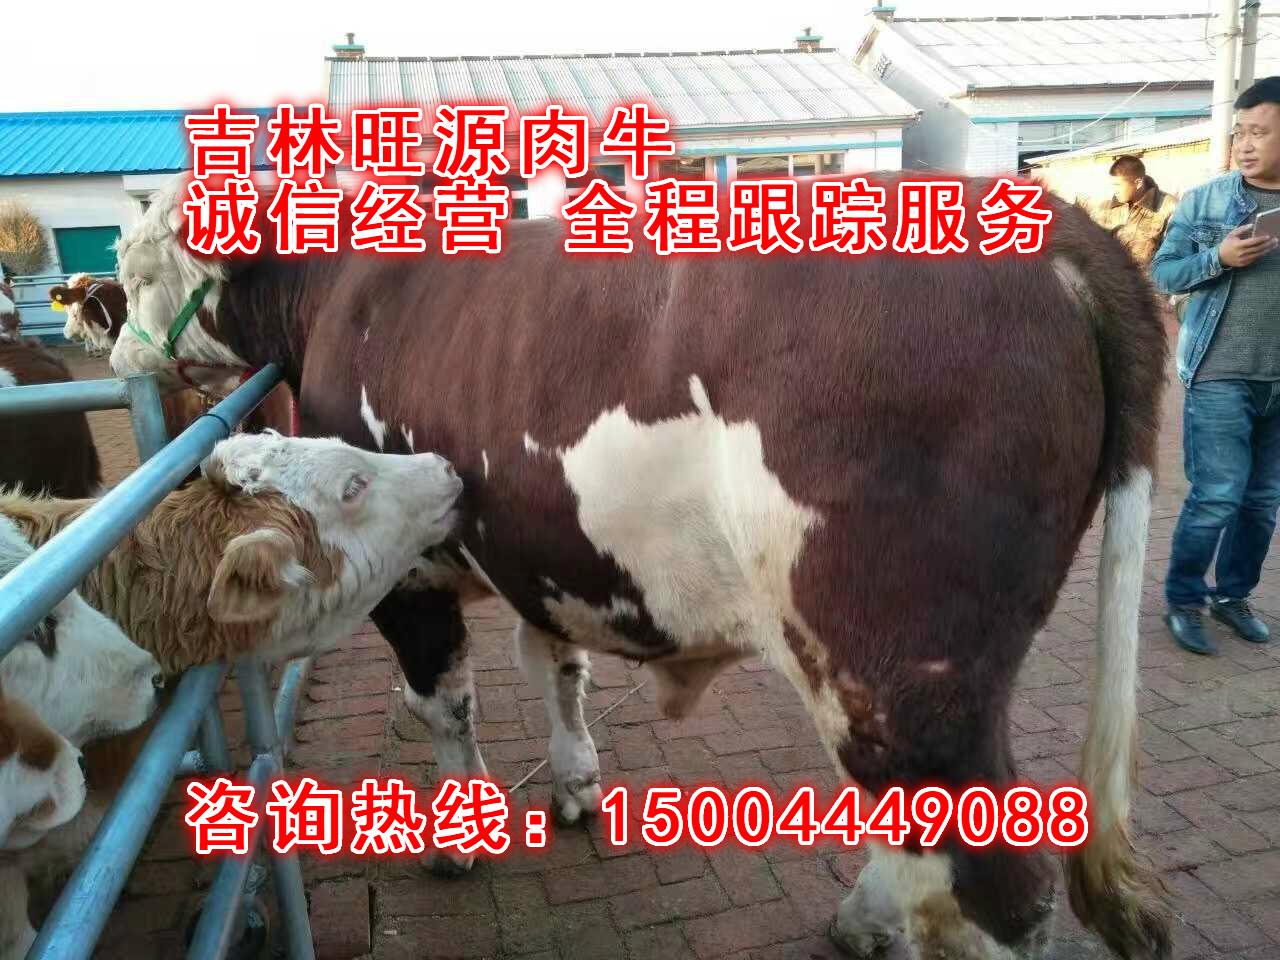 山大型养牛场